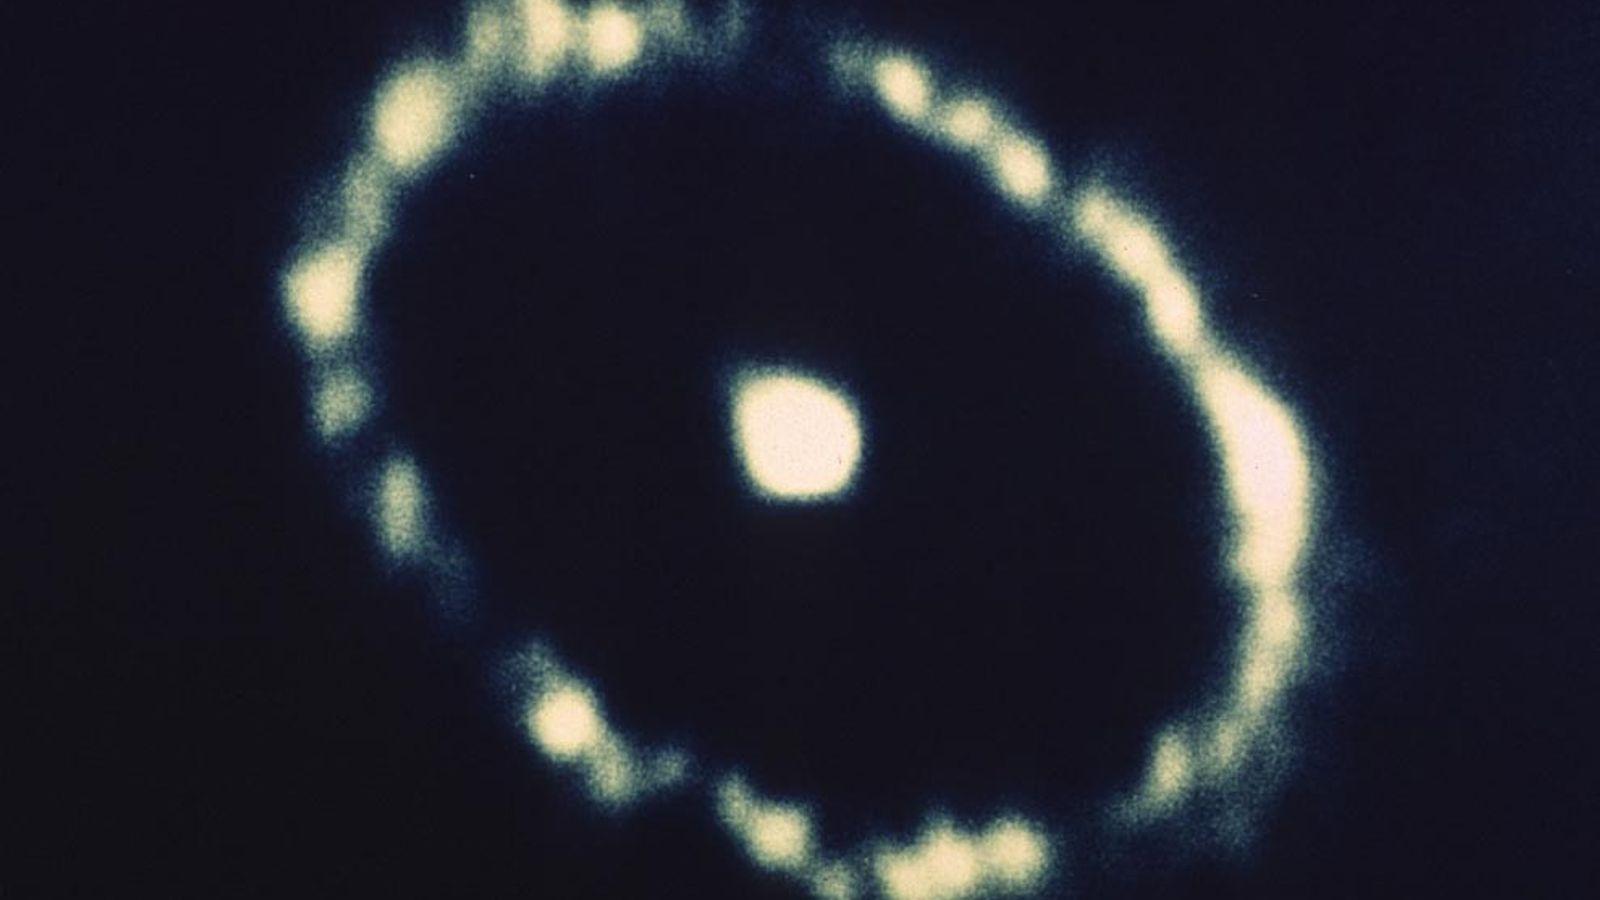 Ein Ring aus leuchtenden Partikeln umgibt die Überreste der Supernova 1987A in der Großen Magellanschen Wolke. ...